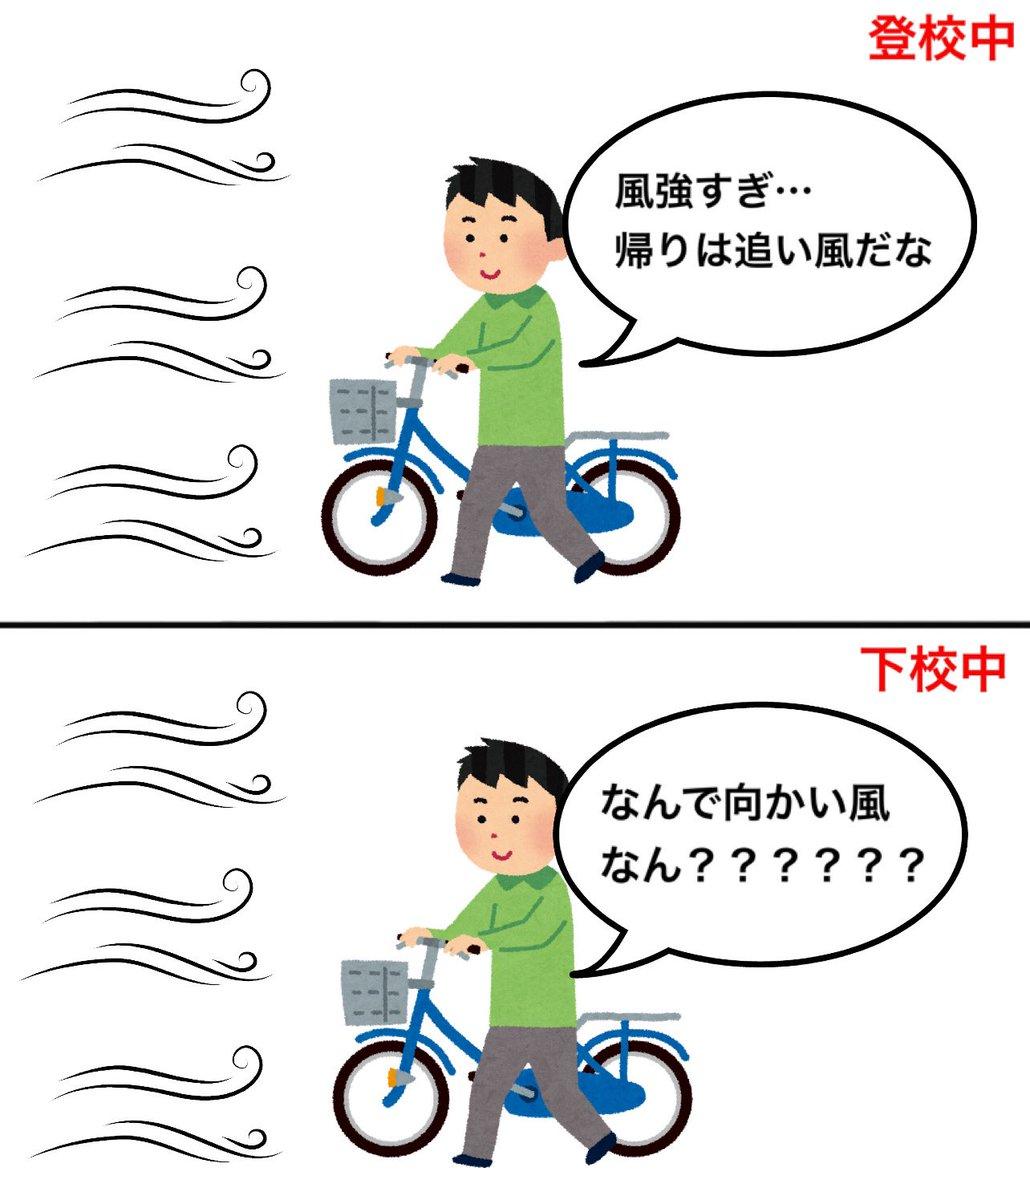 自転車で通学しているorしていた人ならきっと共感する?自転車通学あるある!